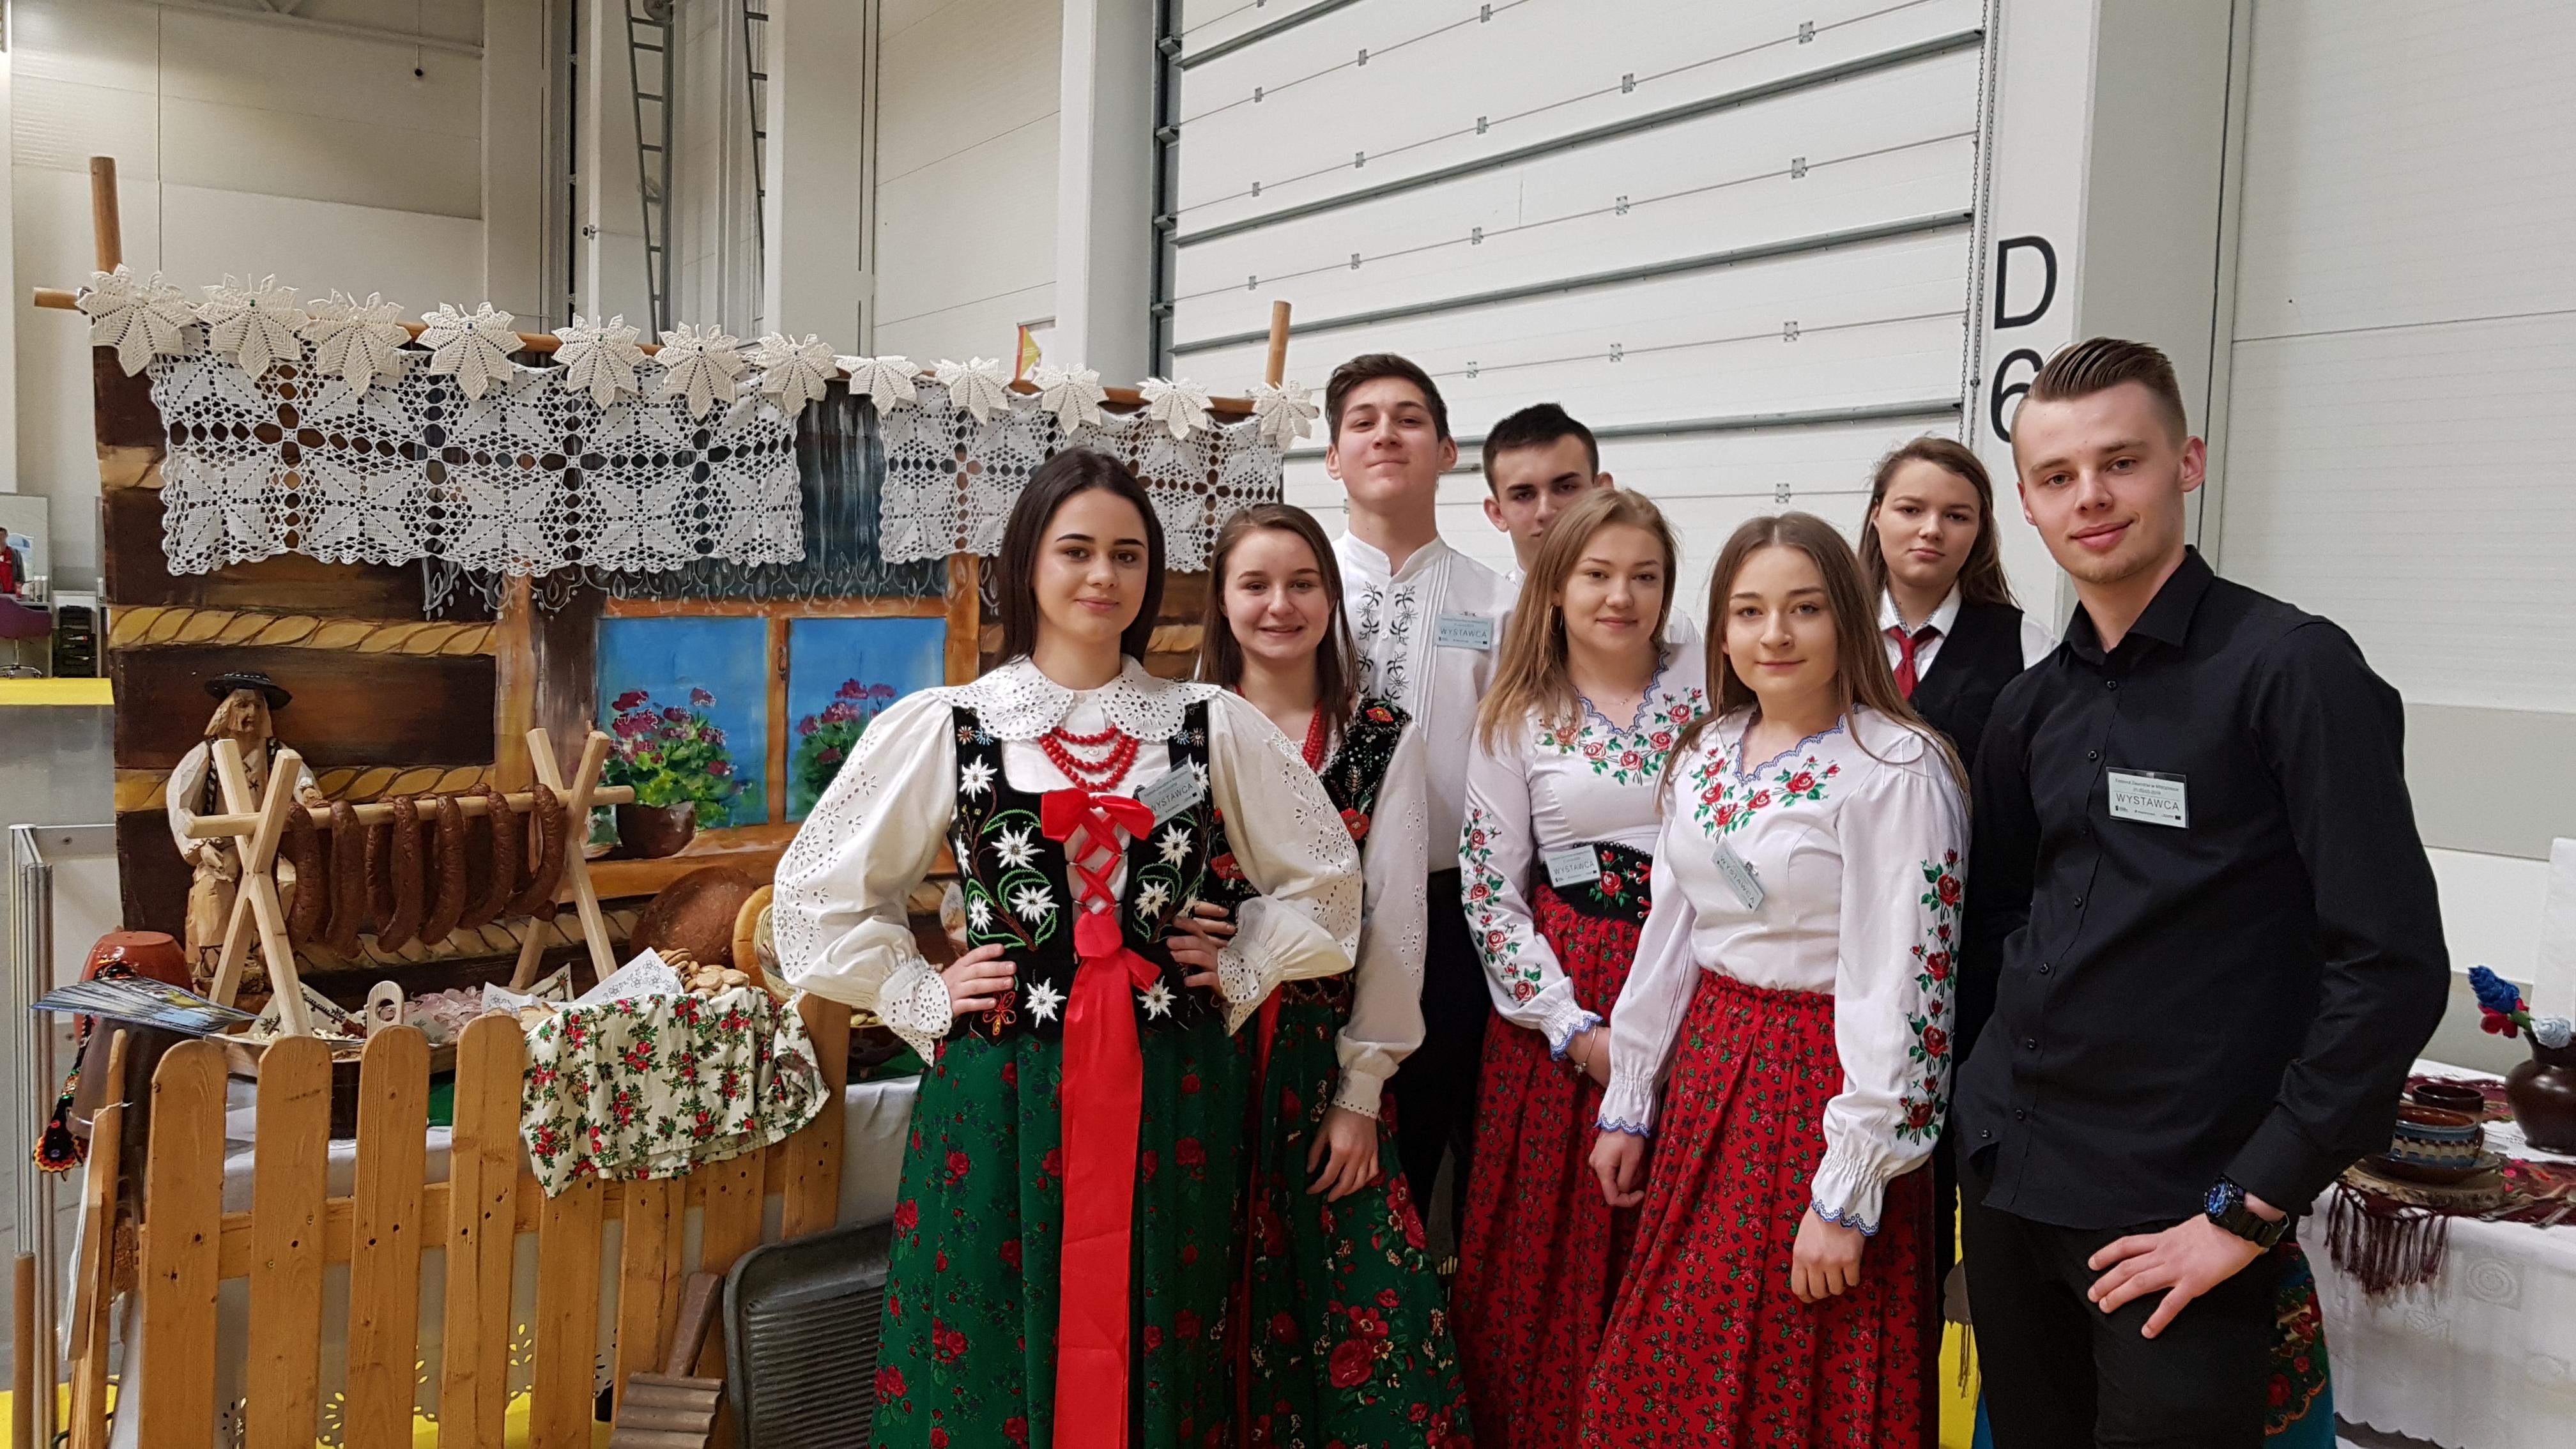 Uczniowie z ZSP w Mszanie Dolnej na wspólnym zdjęciu przy stoisku ogrodniczym na Festiwalu Zawodów w Krakowie